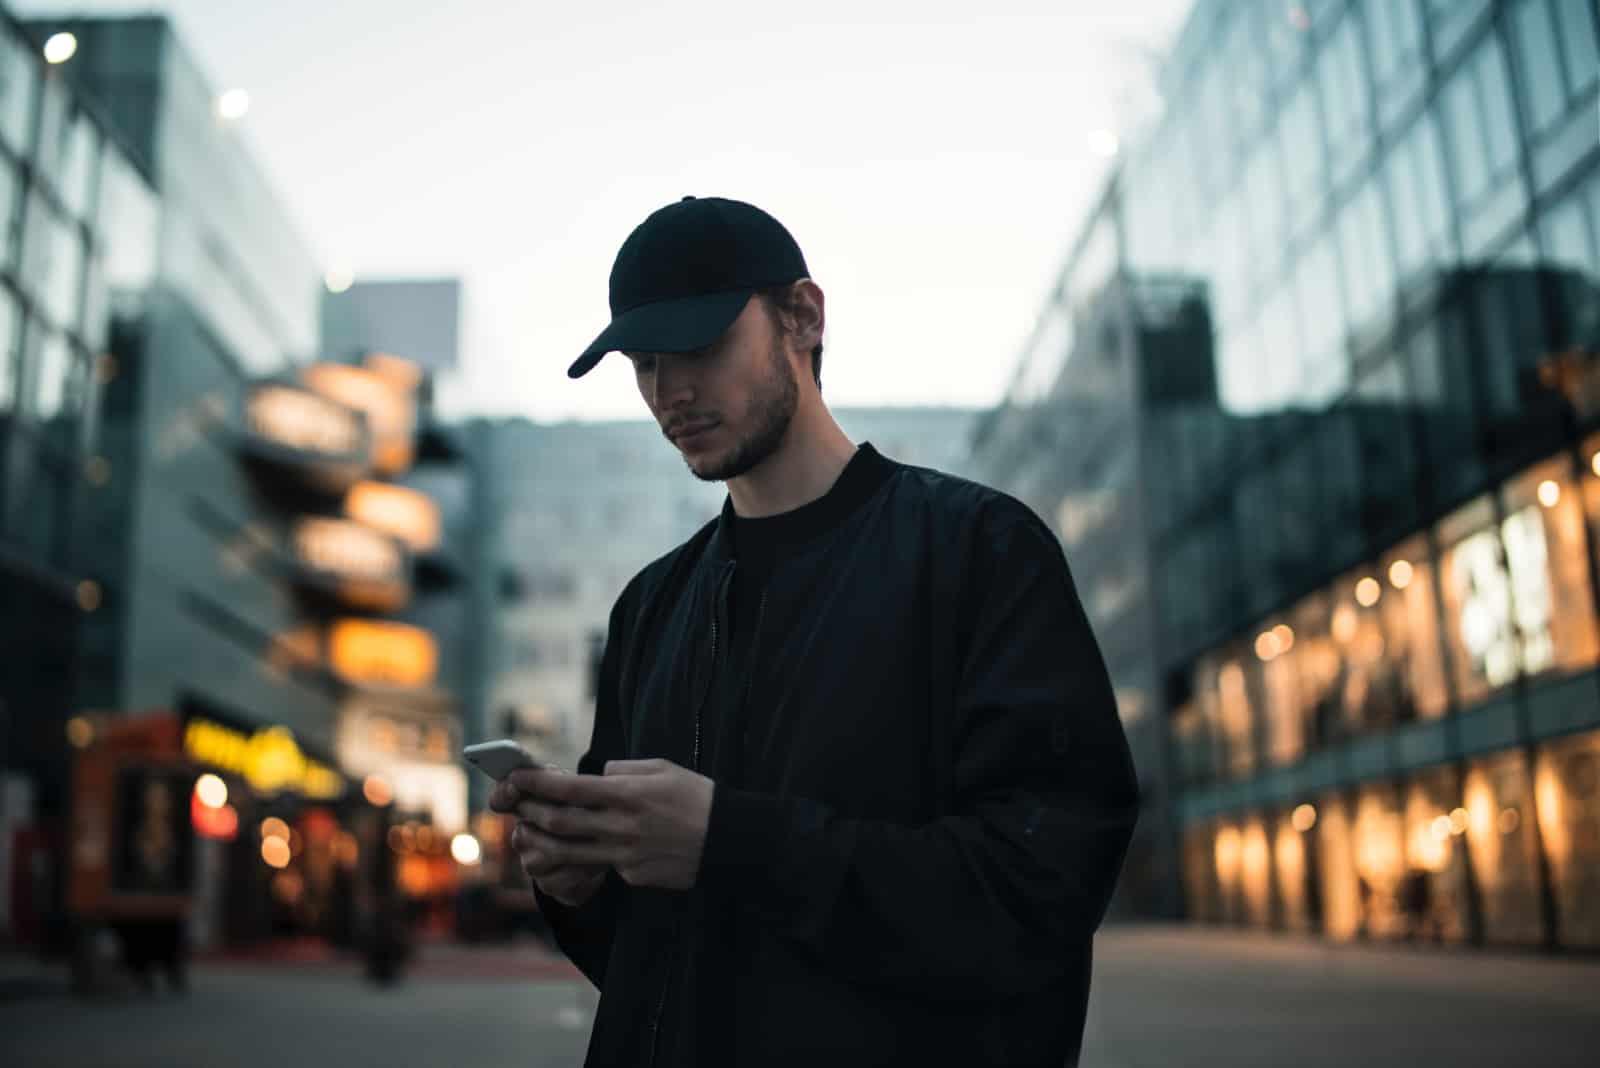 homme en veste noire à l'aide de smartphone en plein air